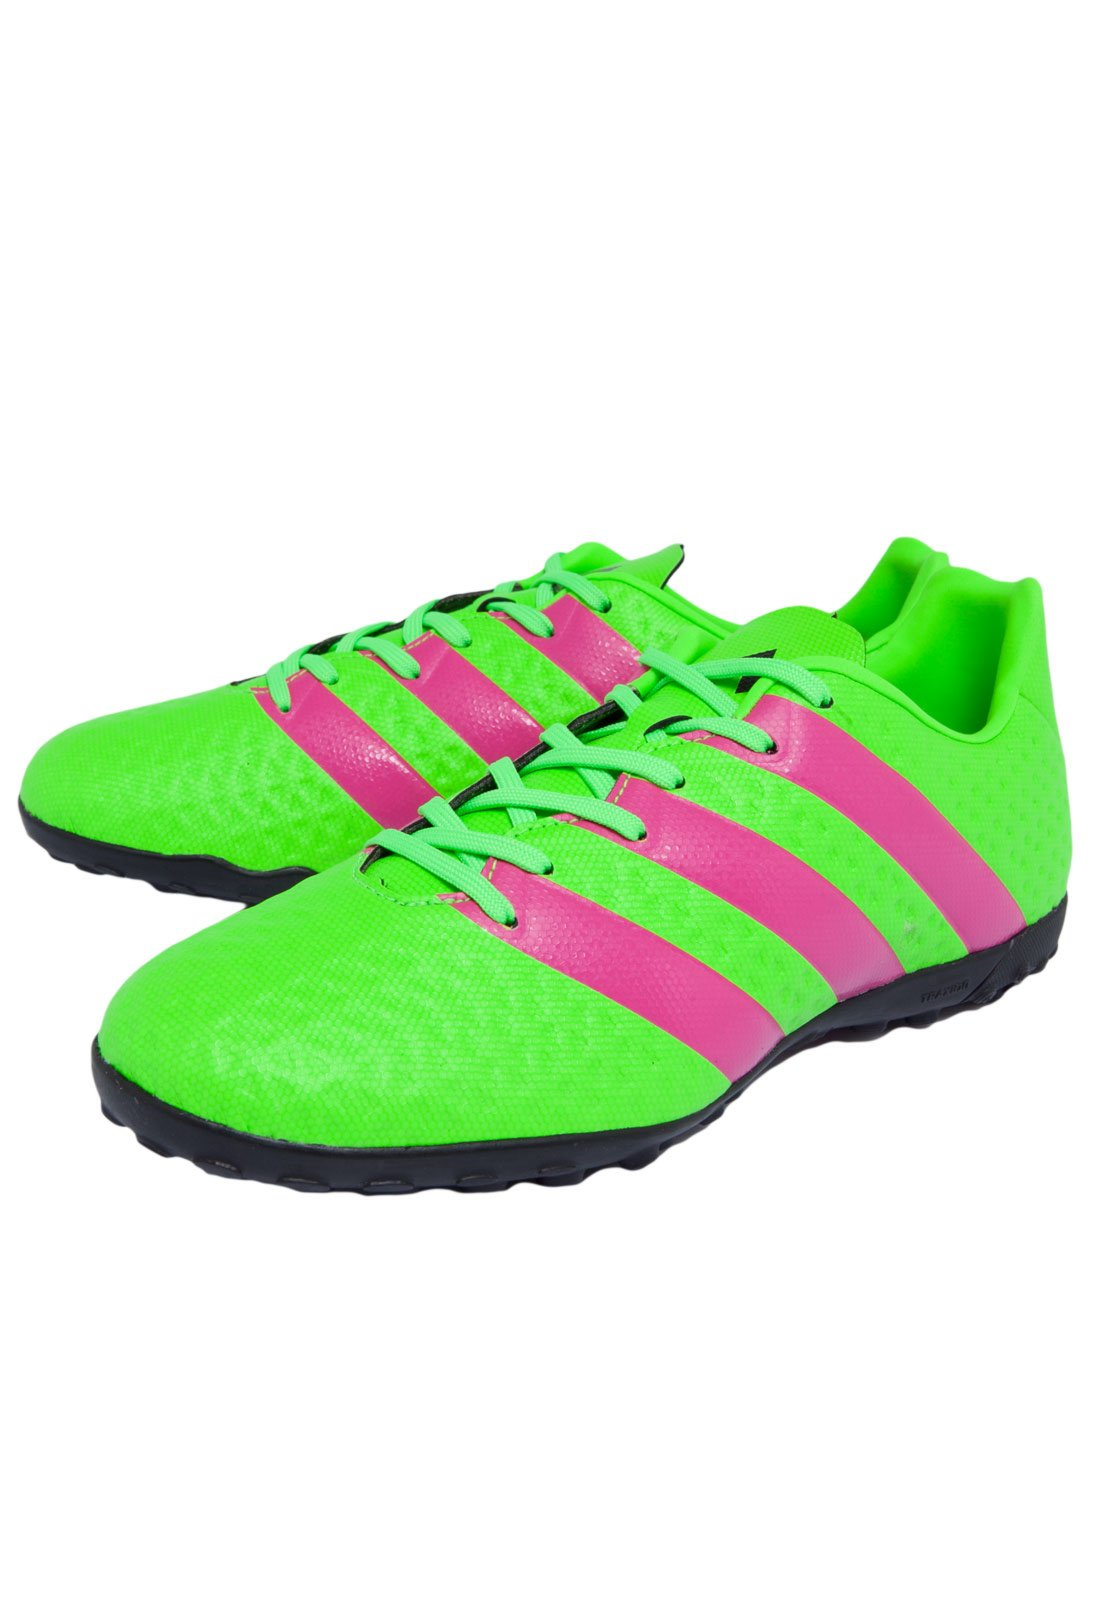 adidas rosa e verde